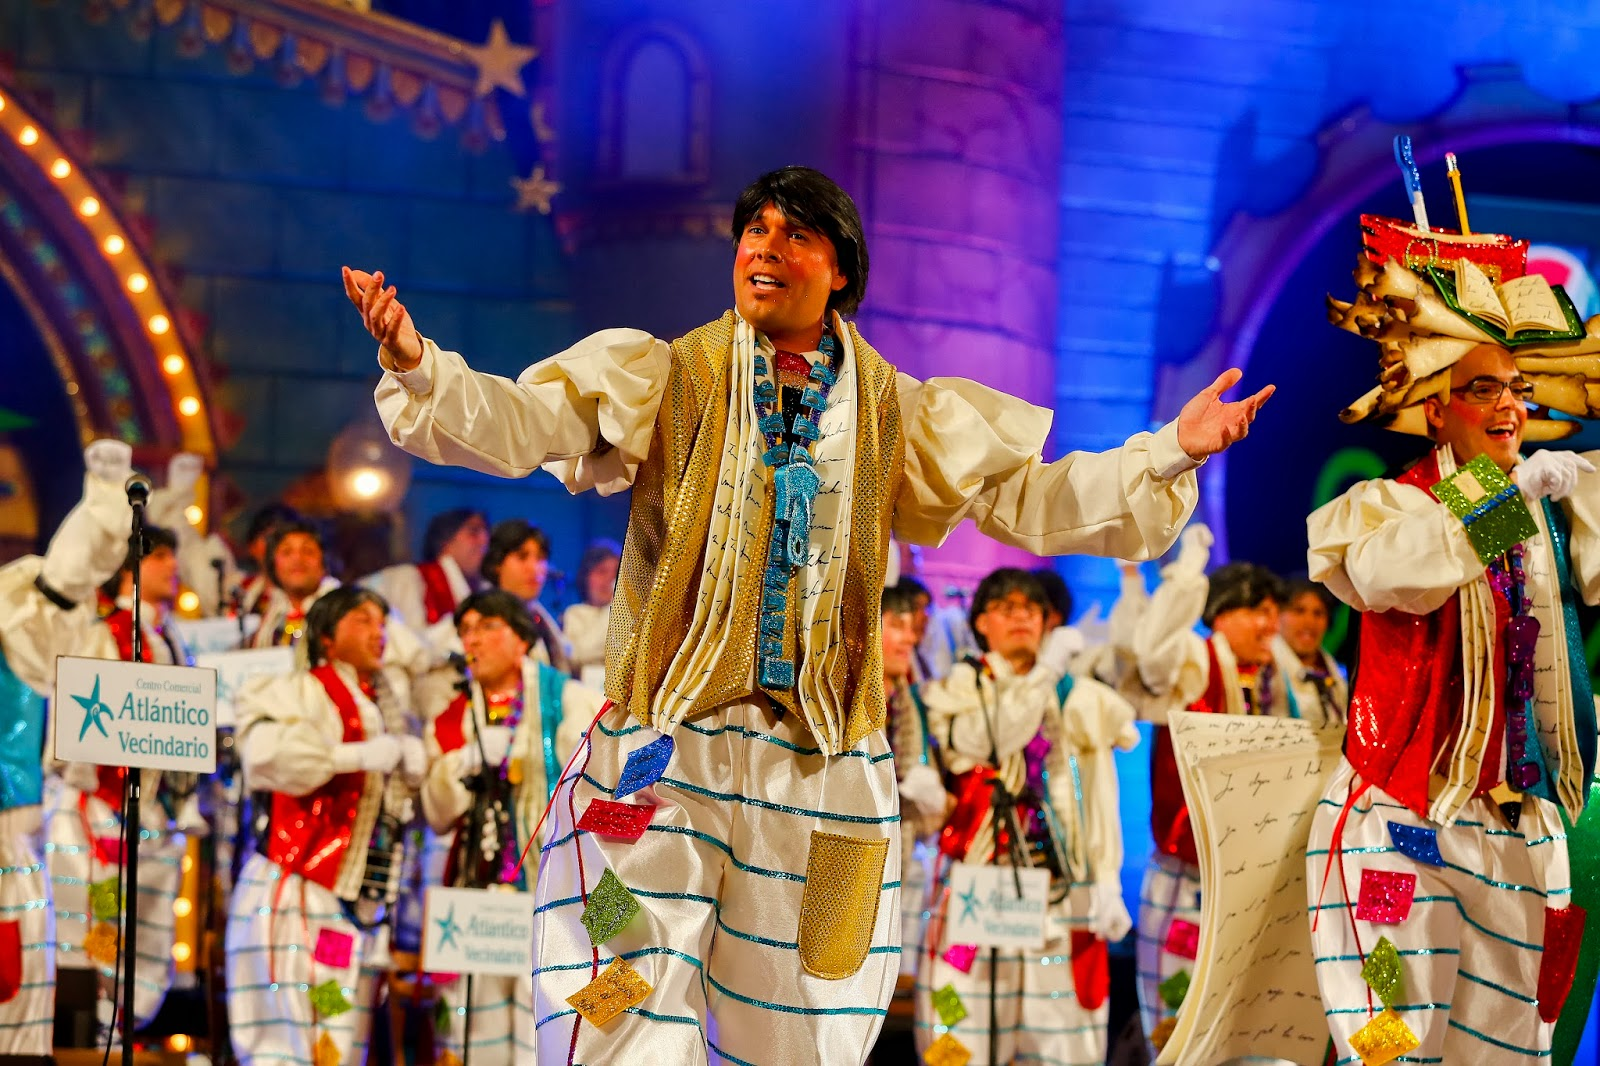 Los serenquenquenes gana el concurso de murgas del carnaval - Puff las palmas ...